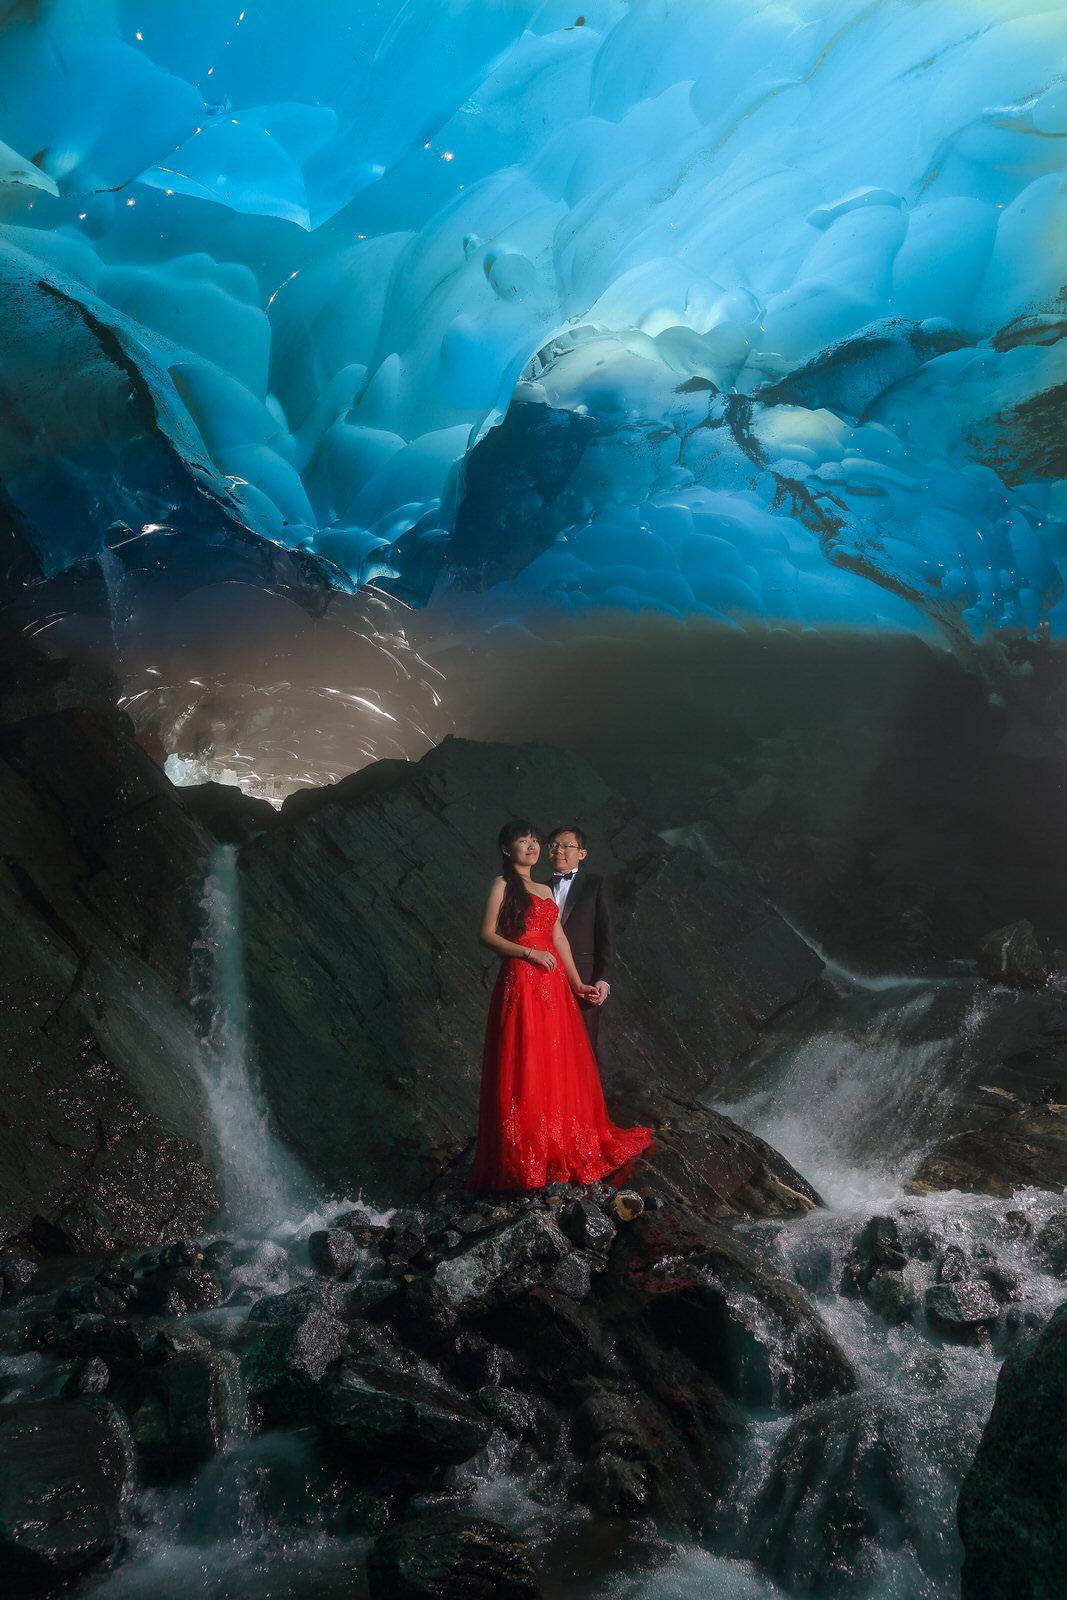 Ice Cave Photos